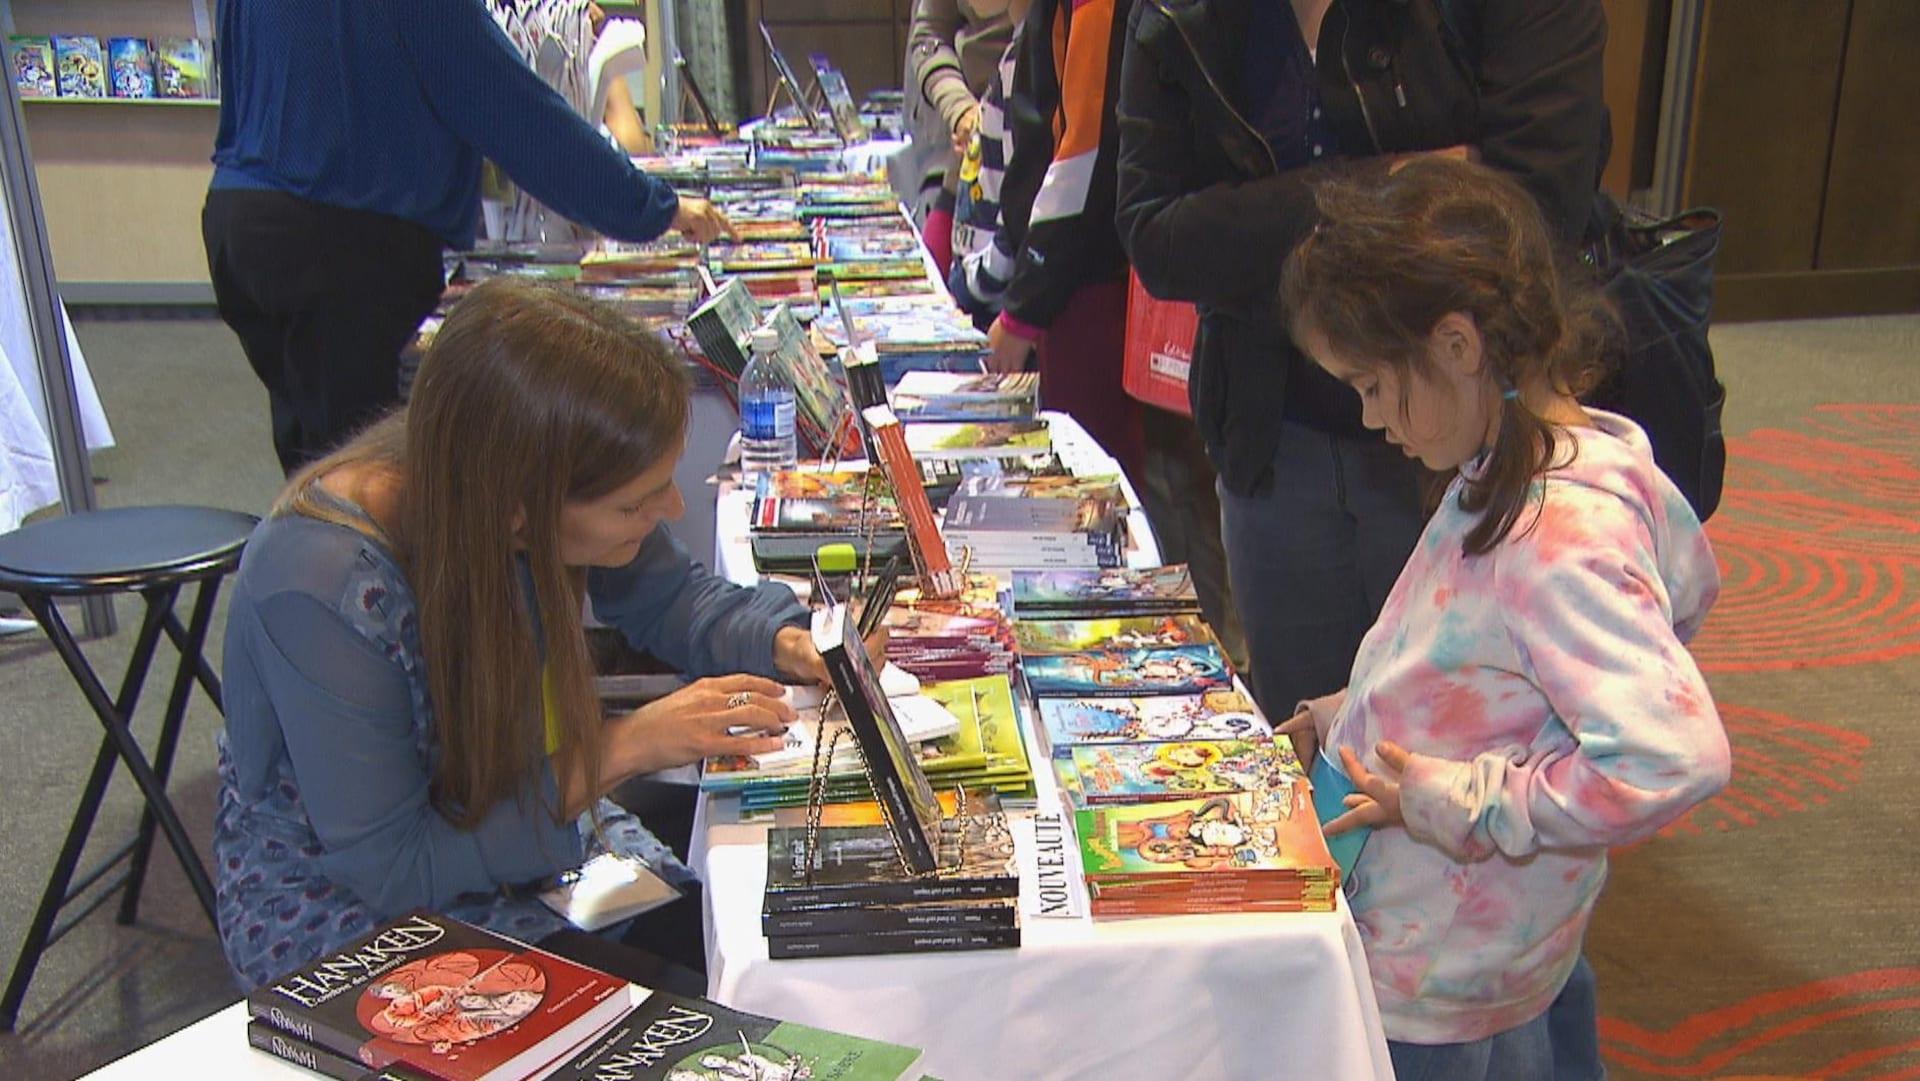 Une auteure signe un livre pour une jeune lectrice.